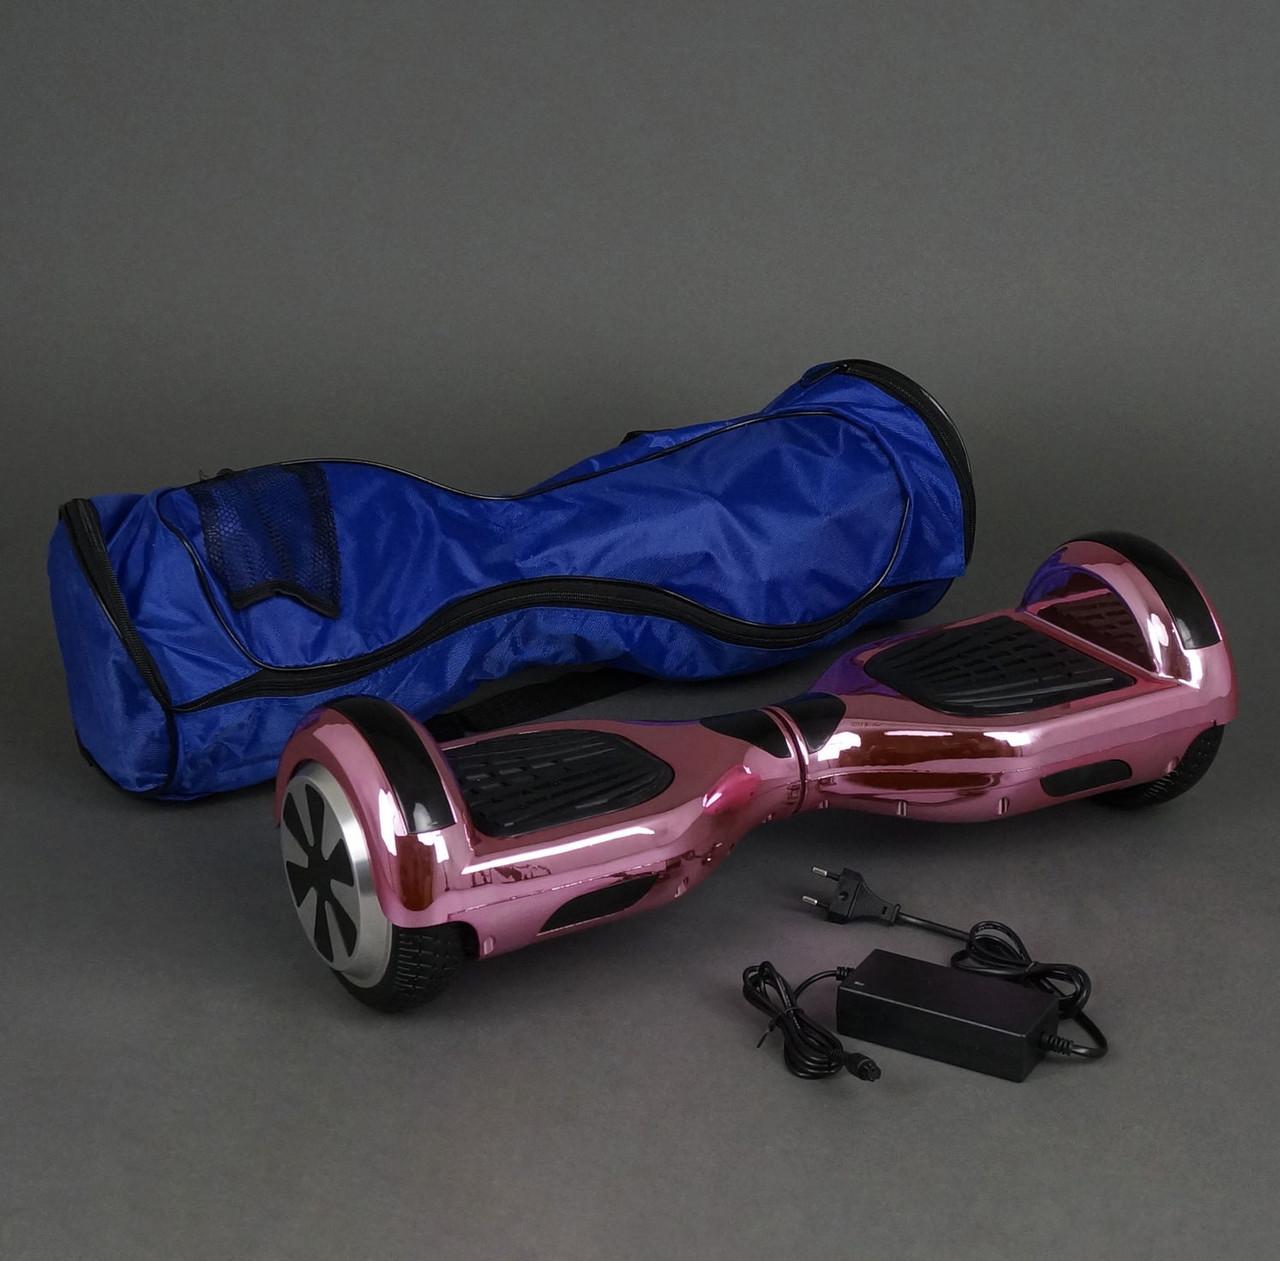 Гироскутер А 3-8 / 772-А3-8 Classic пурпурный